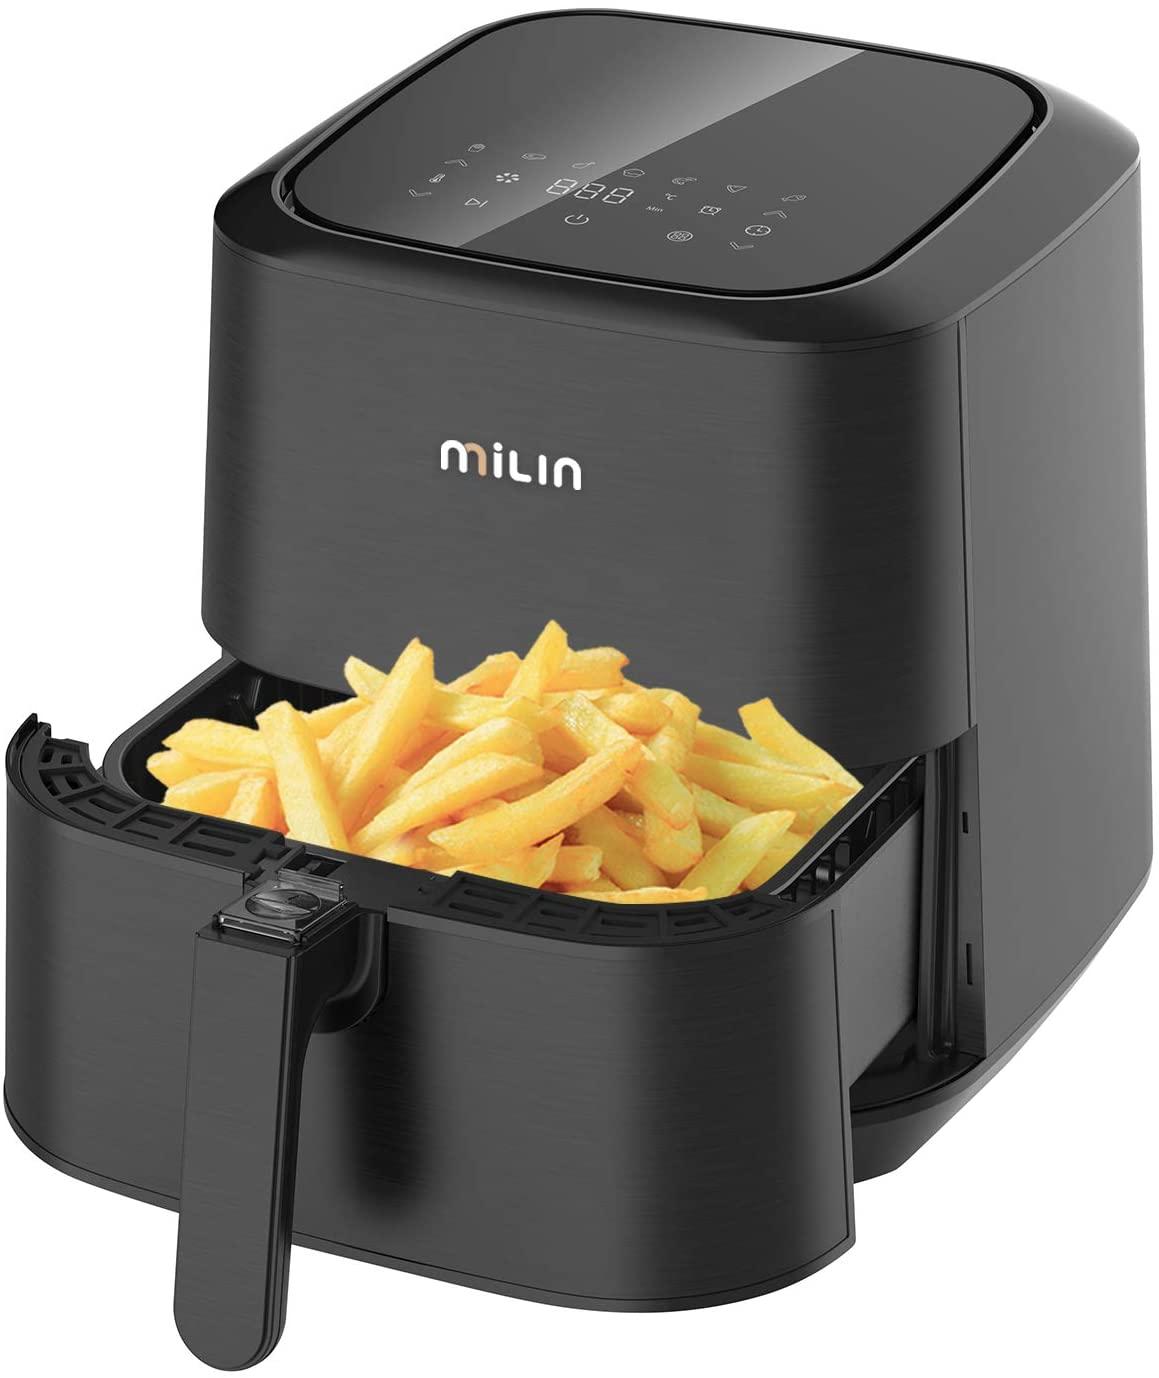 MILIN Air Fryer 5.8 Quart